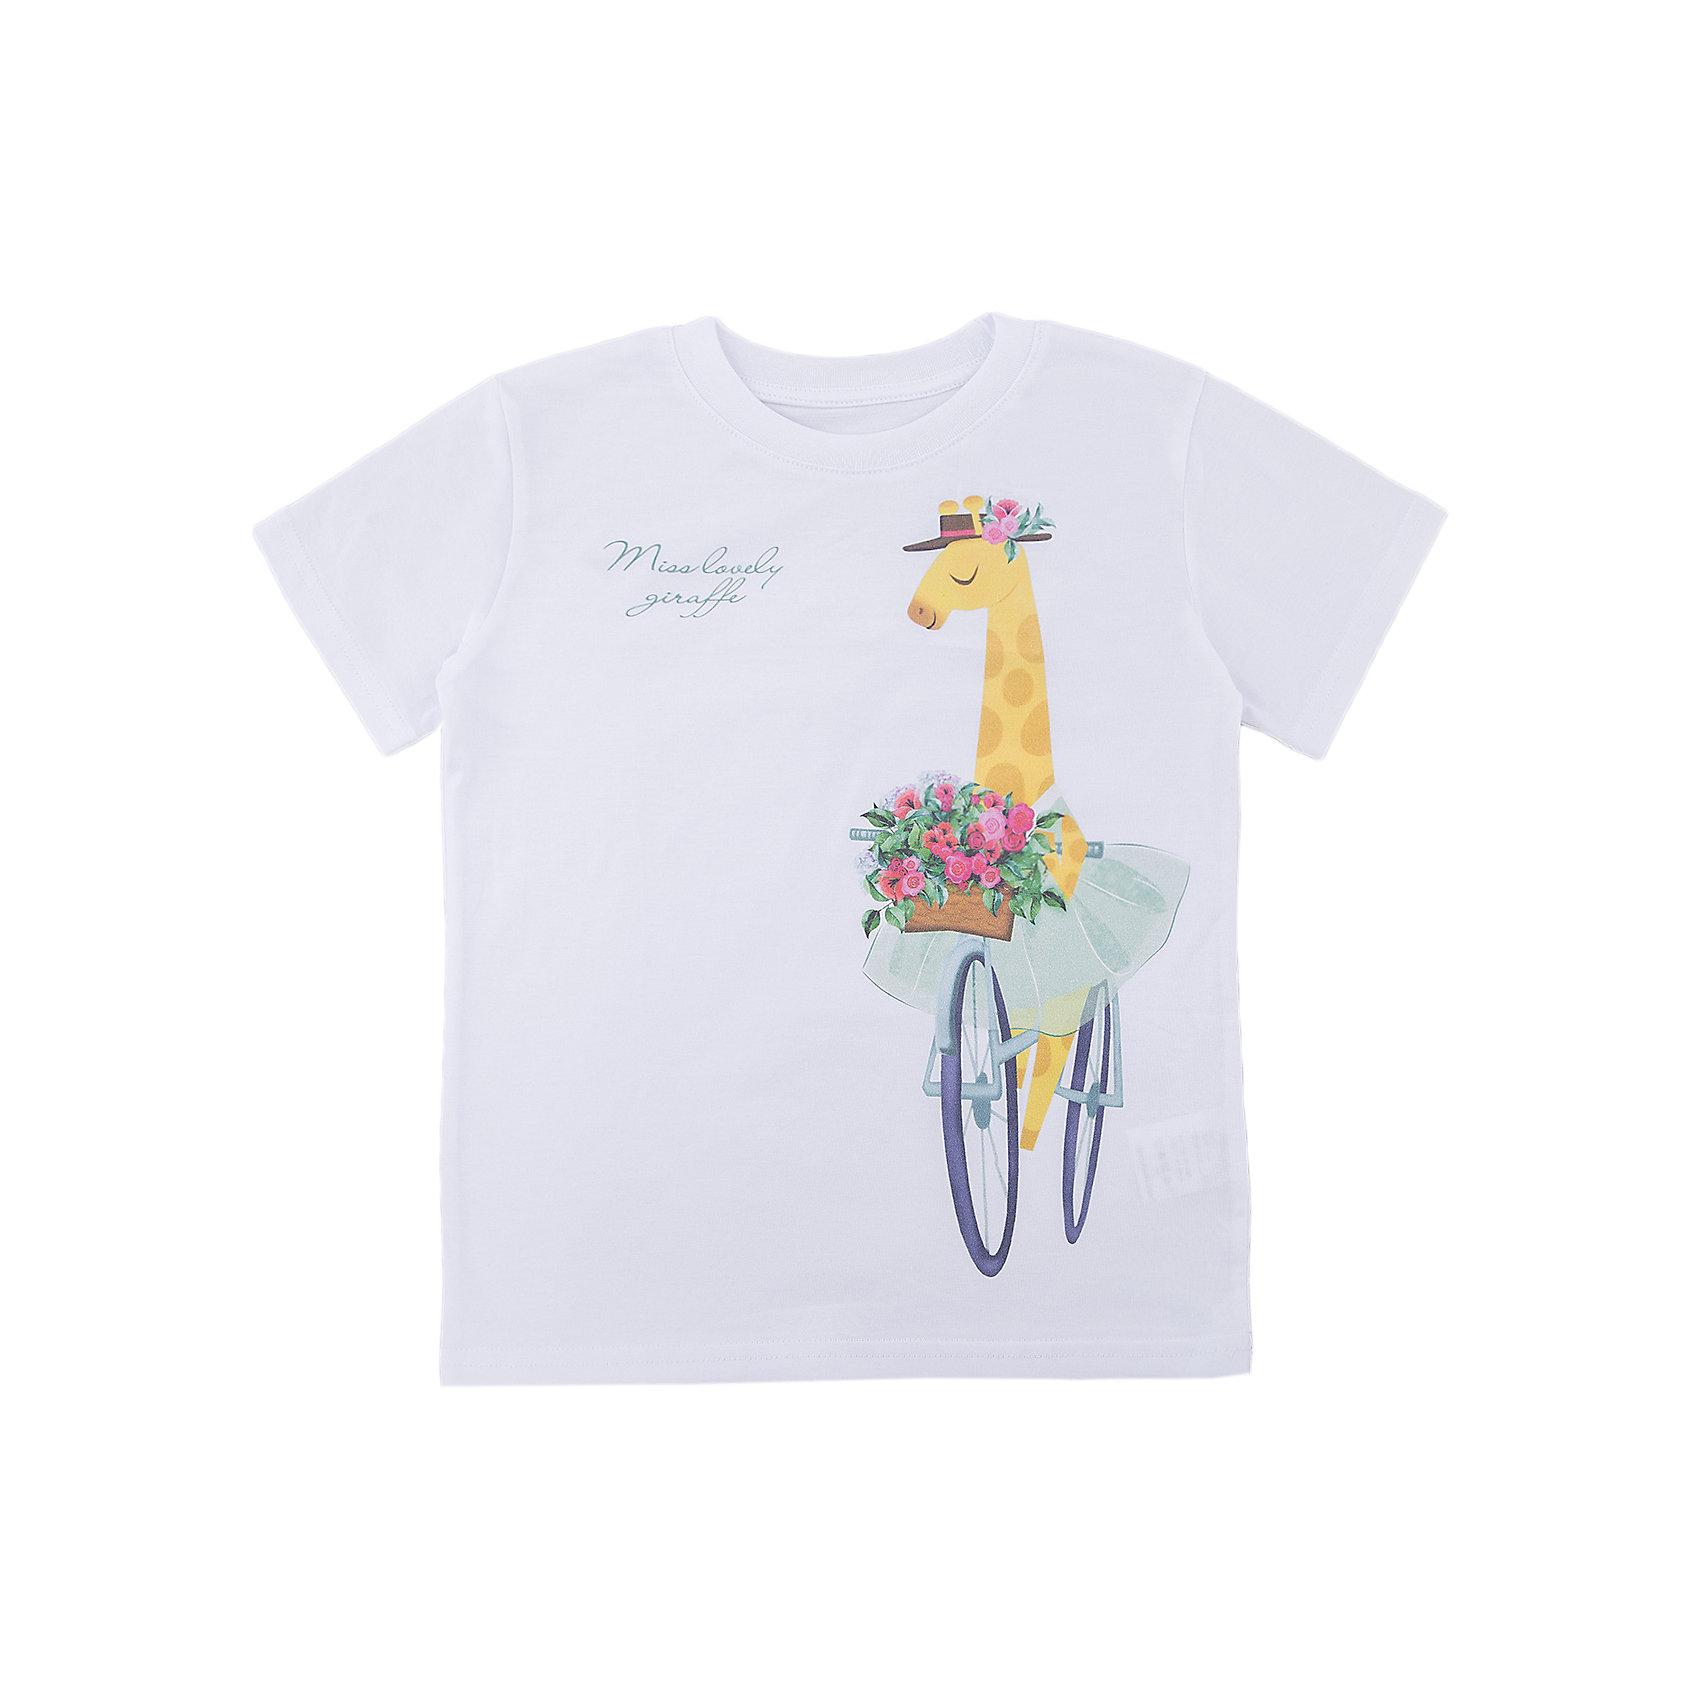 Футболка для девочки WOWФутболки, поло и топы<br>Футболка для девочки WOW<br>Незаменимой вещью в  гардеробе послужит футболка с коротким рукавом. Стильная и в тоже время комфортная модель, с яркой оригинальной печатью, будет превосходно смотреться на ребенке.<br>Состав:<br>кулирная гладь 100% хлопок<br><br>Ширина мм: 199<br>Глубина мм: 10<br>Высота мм: 161<br>Вес г: 151<br>Цвет: белый<br>Возраст от месяцев: 72<br>Возраст до месяцев: 84<br>Пол: Женский<br>Возраст: Детский<br>Размер: 122,98,104,110,116<br>SKU: 6871757